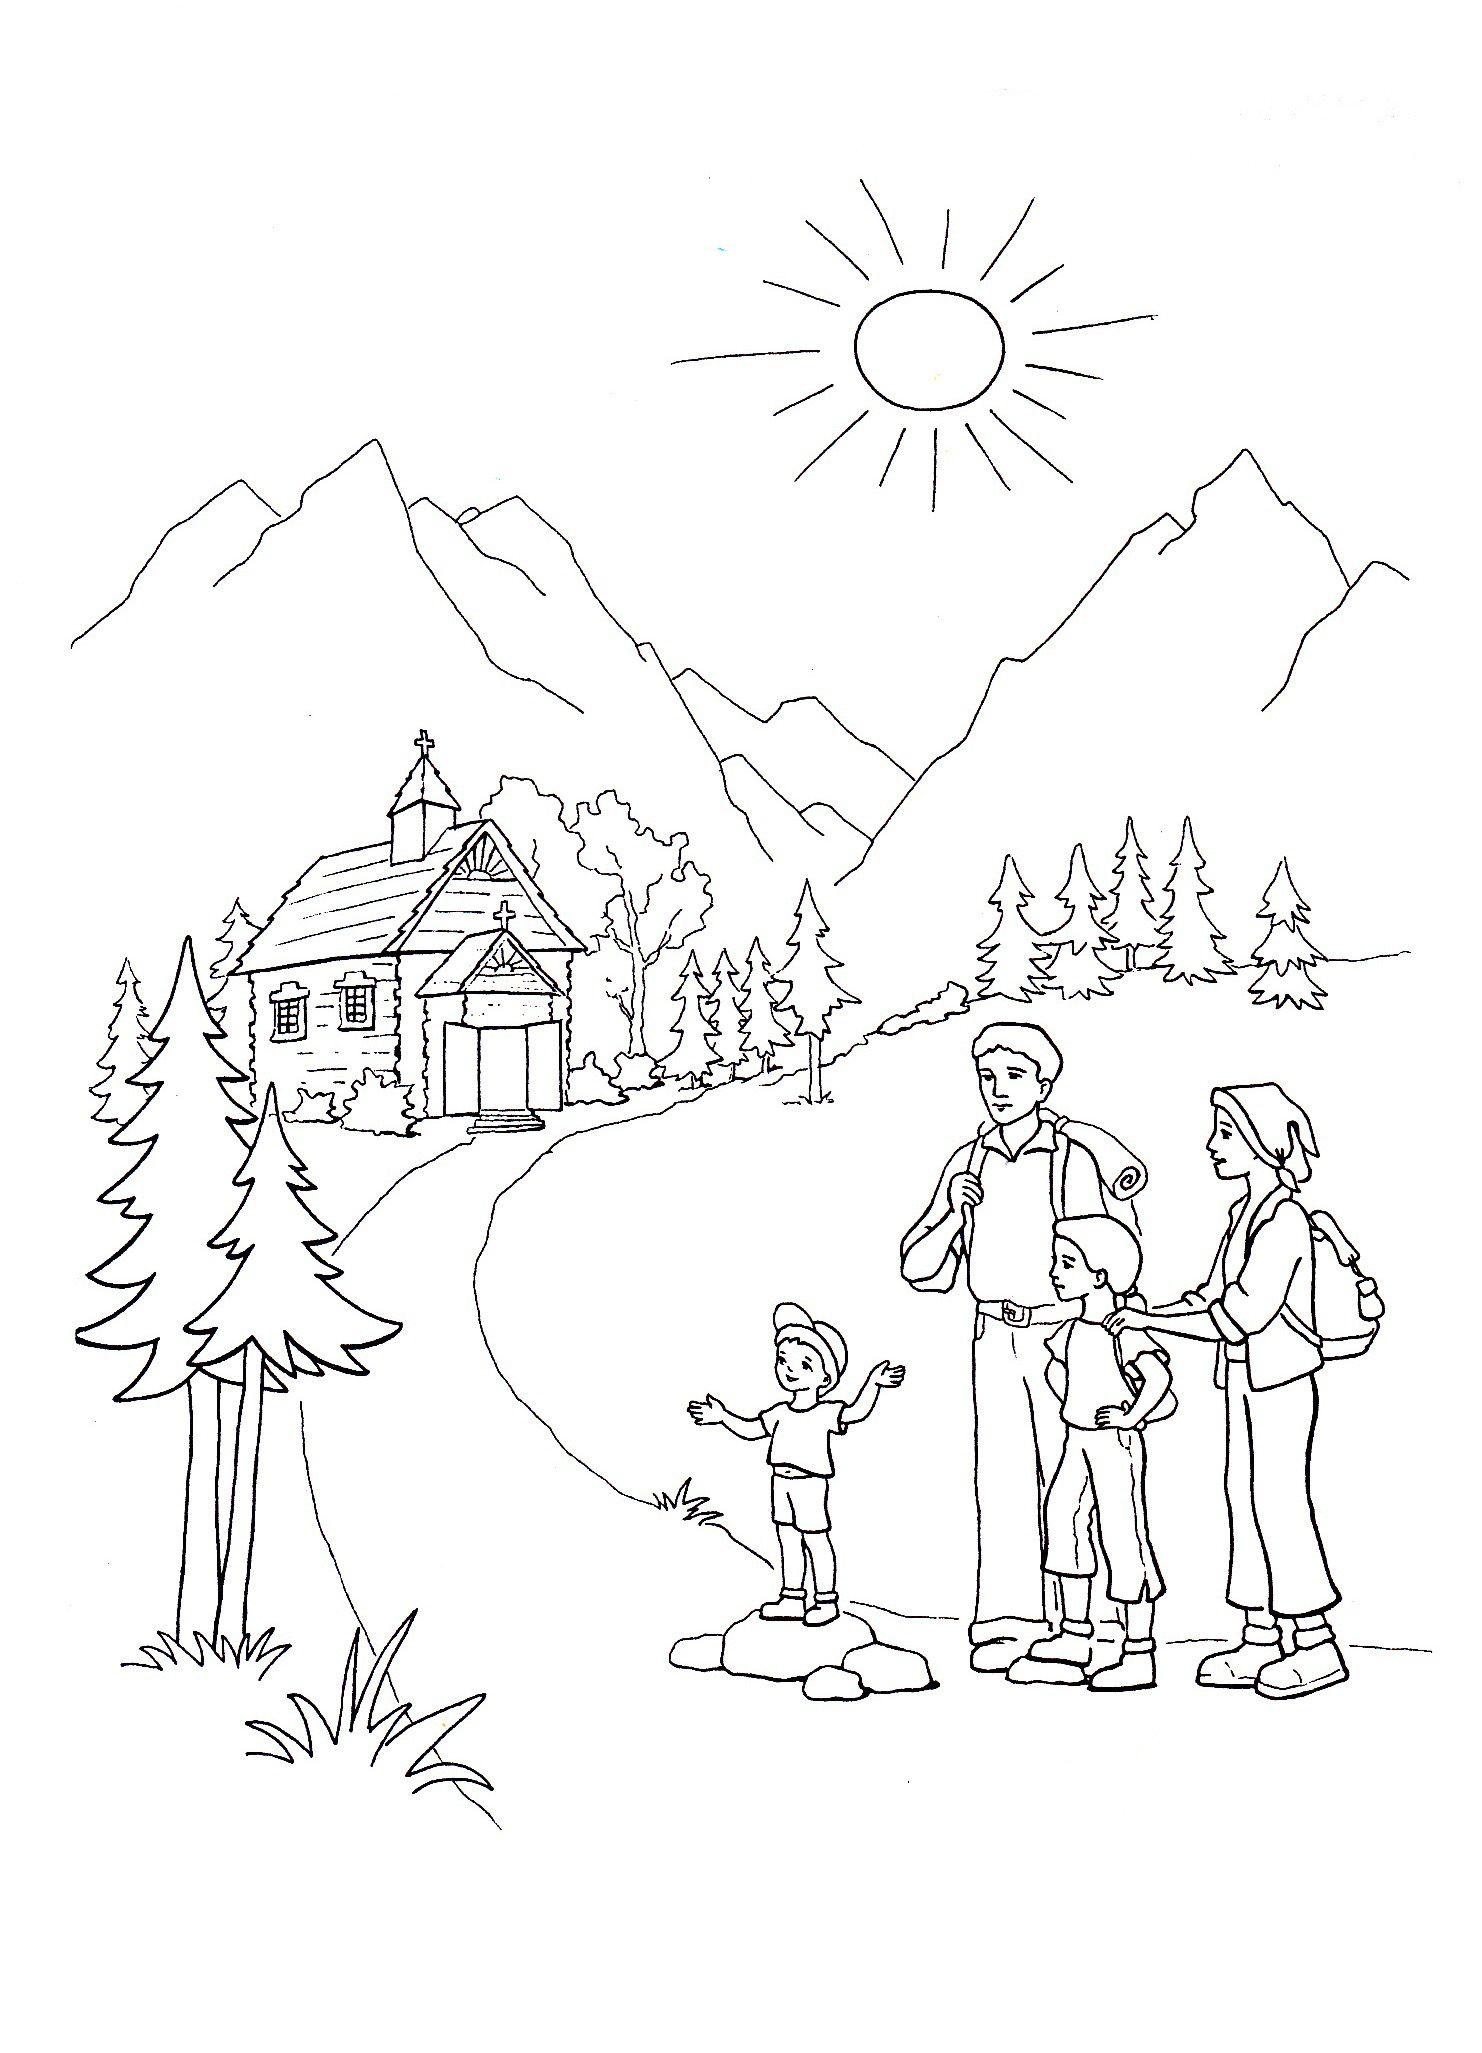 Pin By Zamajka On Rozmalovki Sunday School Coloring Pages Coloring Pages Coloring Books